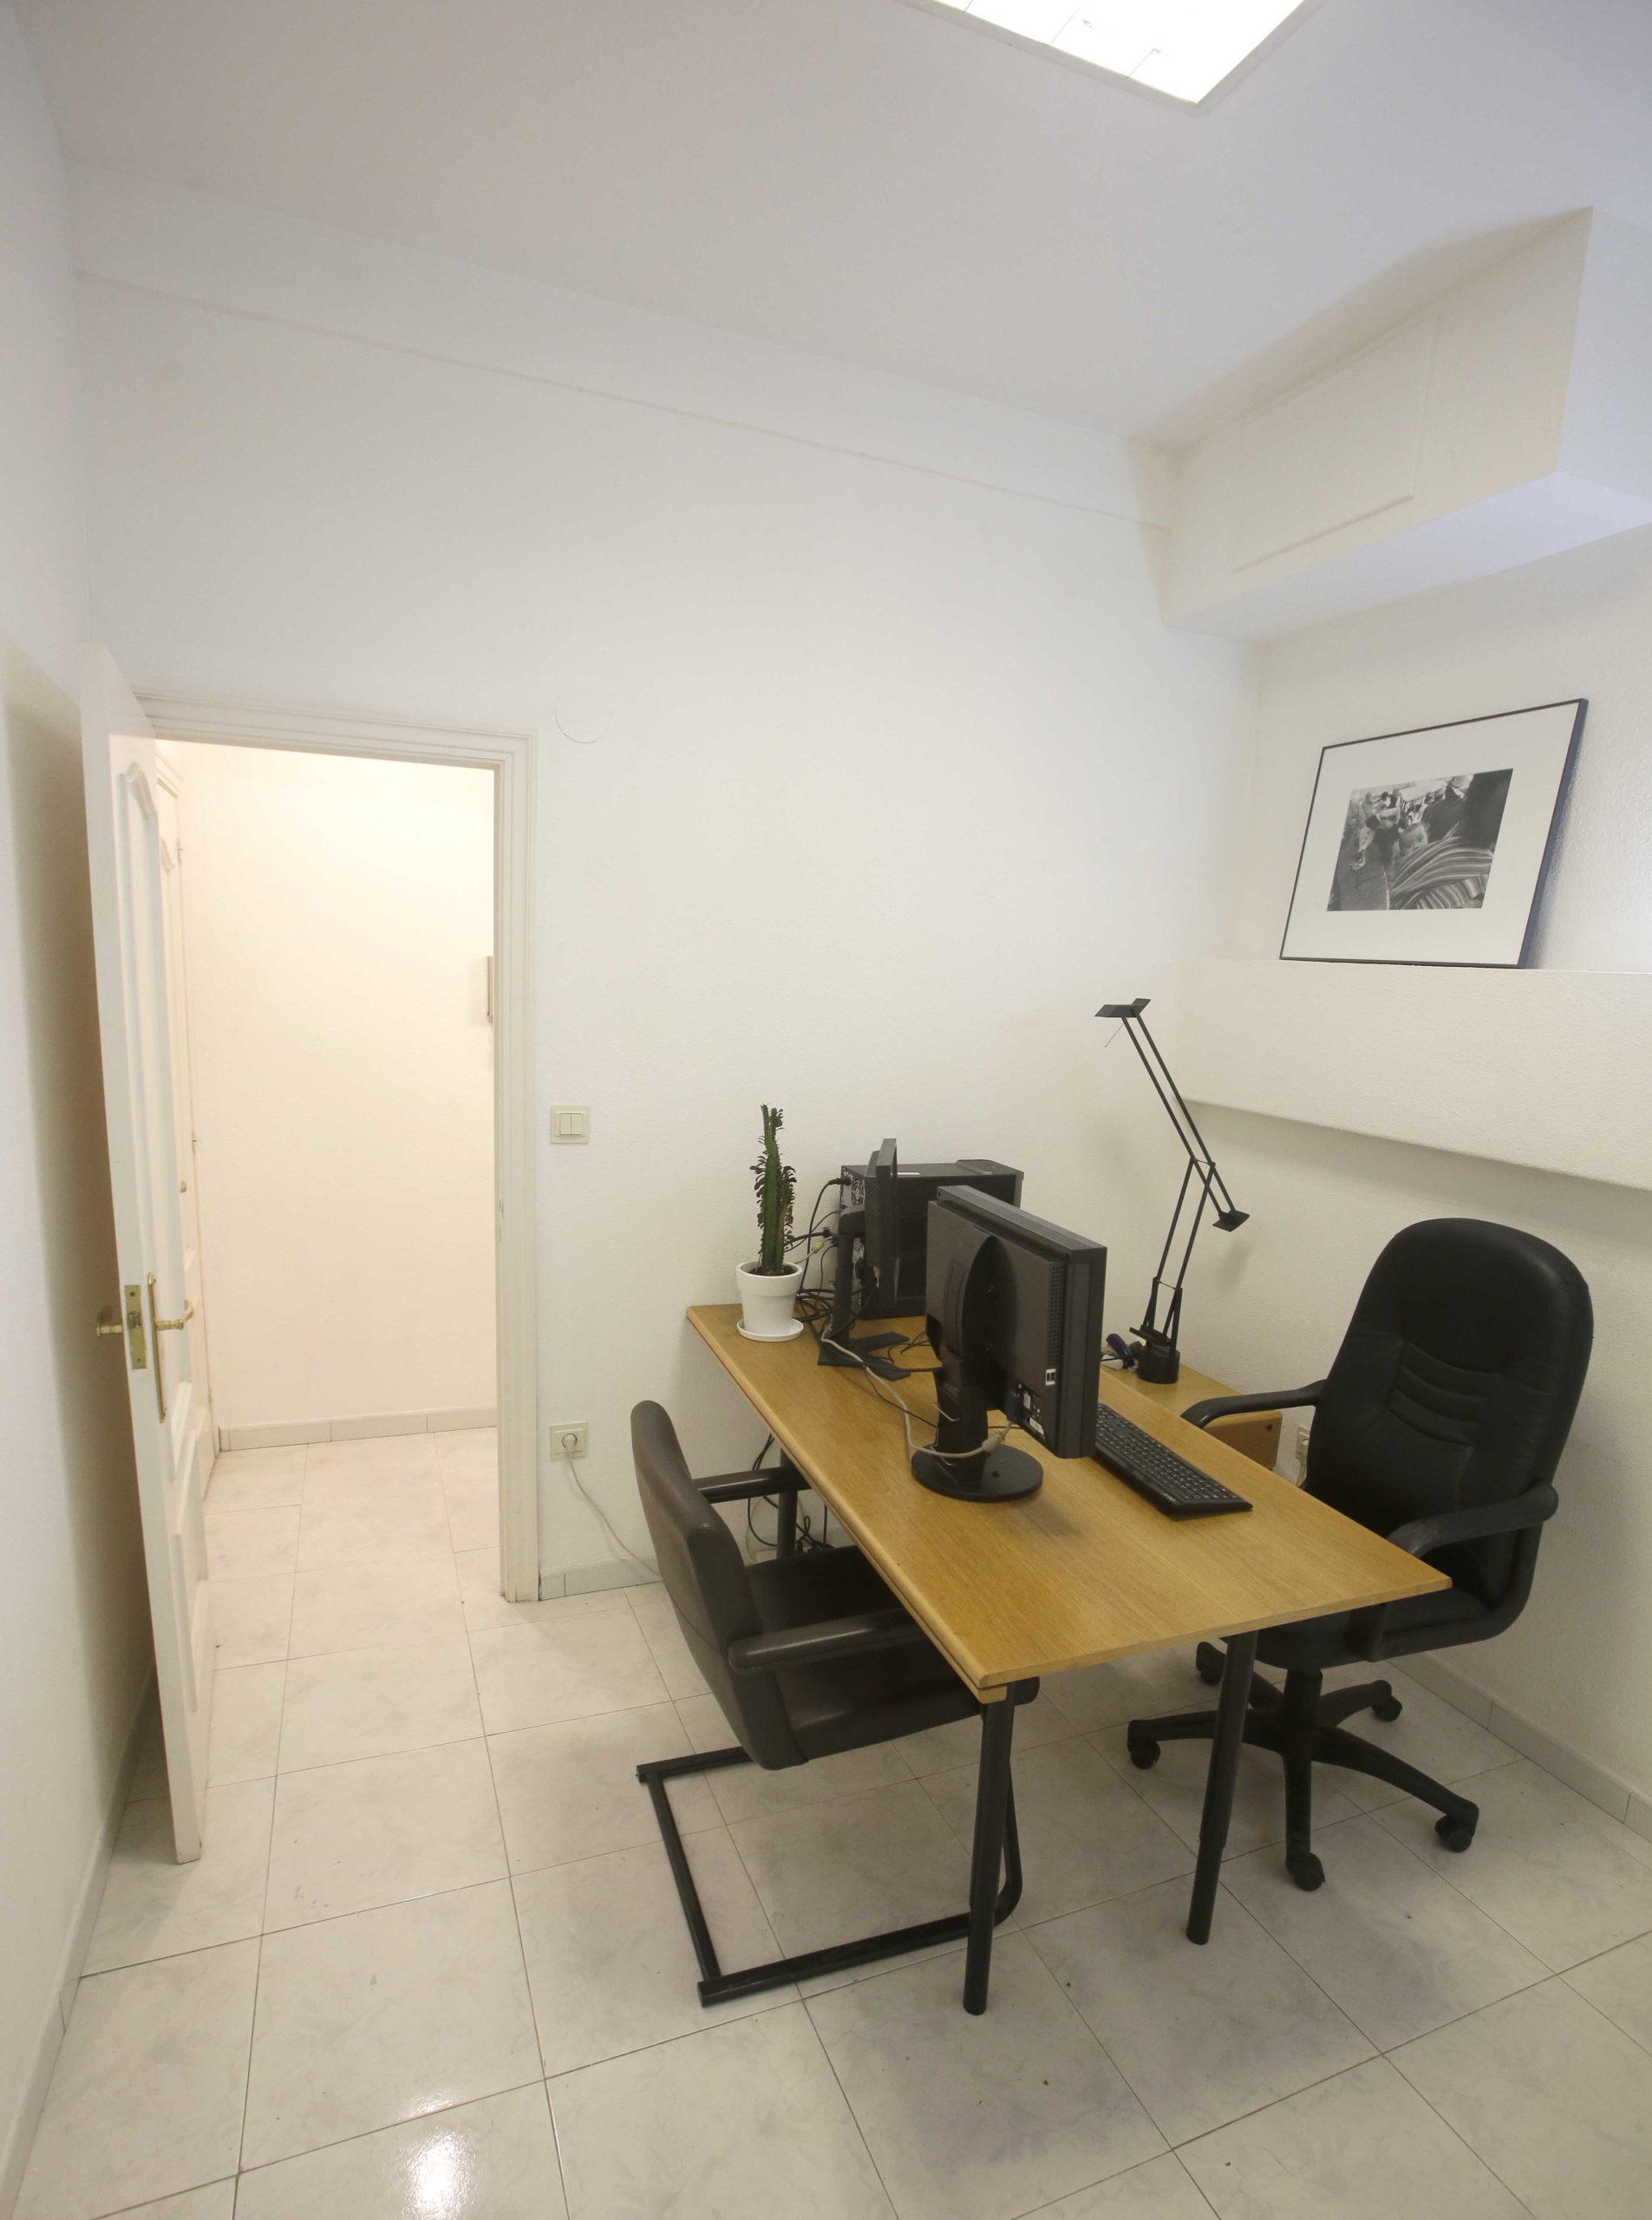 Oficina en venta en San Sebastián Centro, Gipuzkoa DN1001